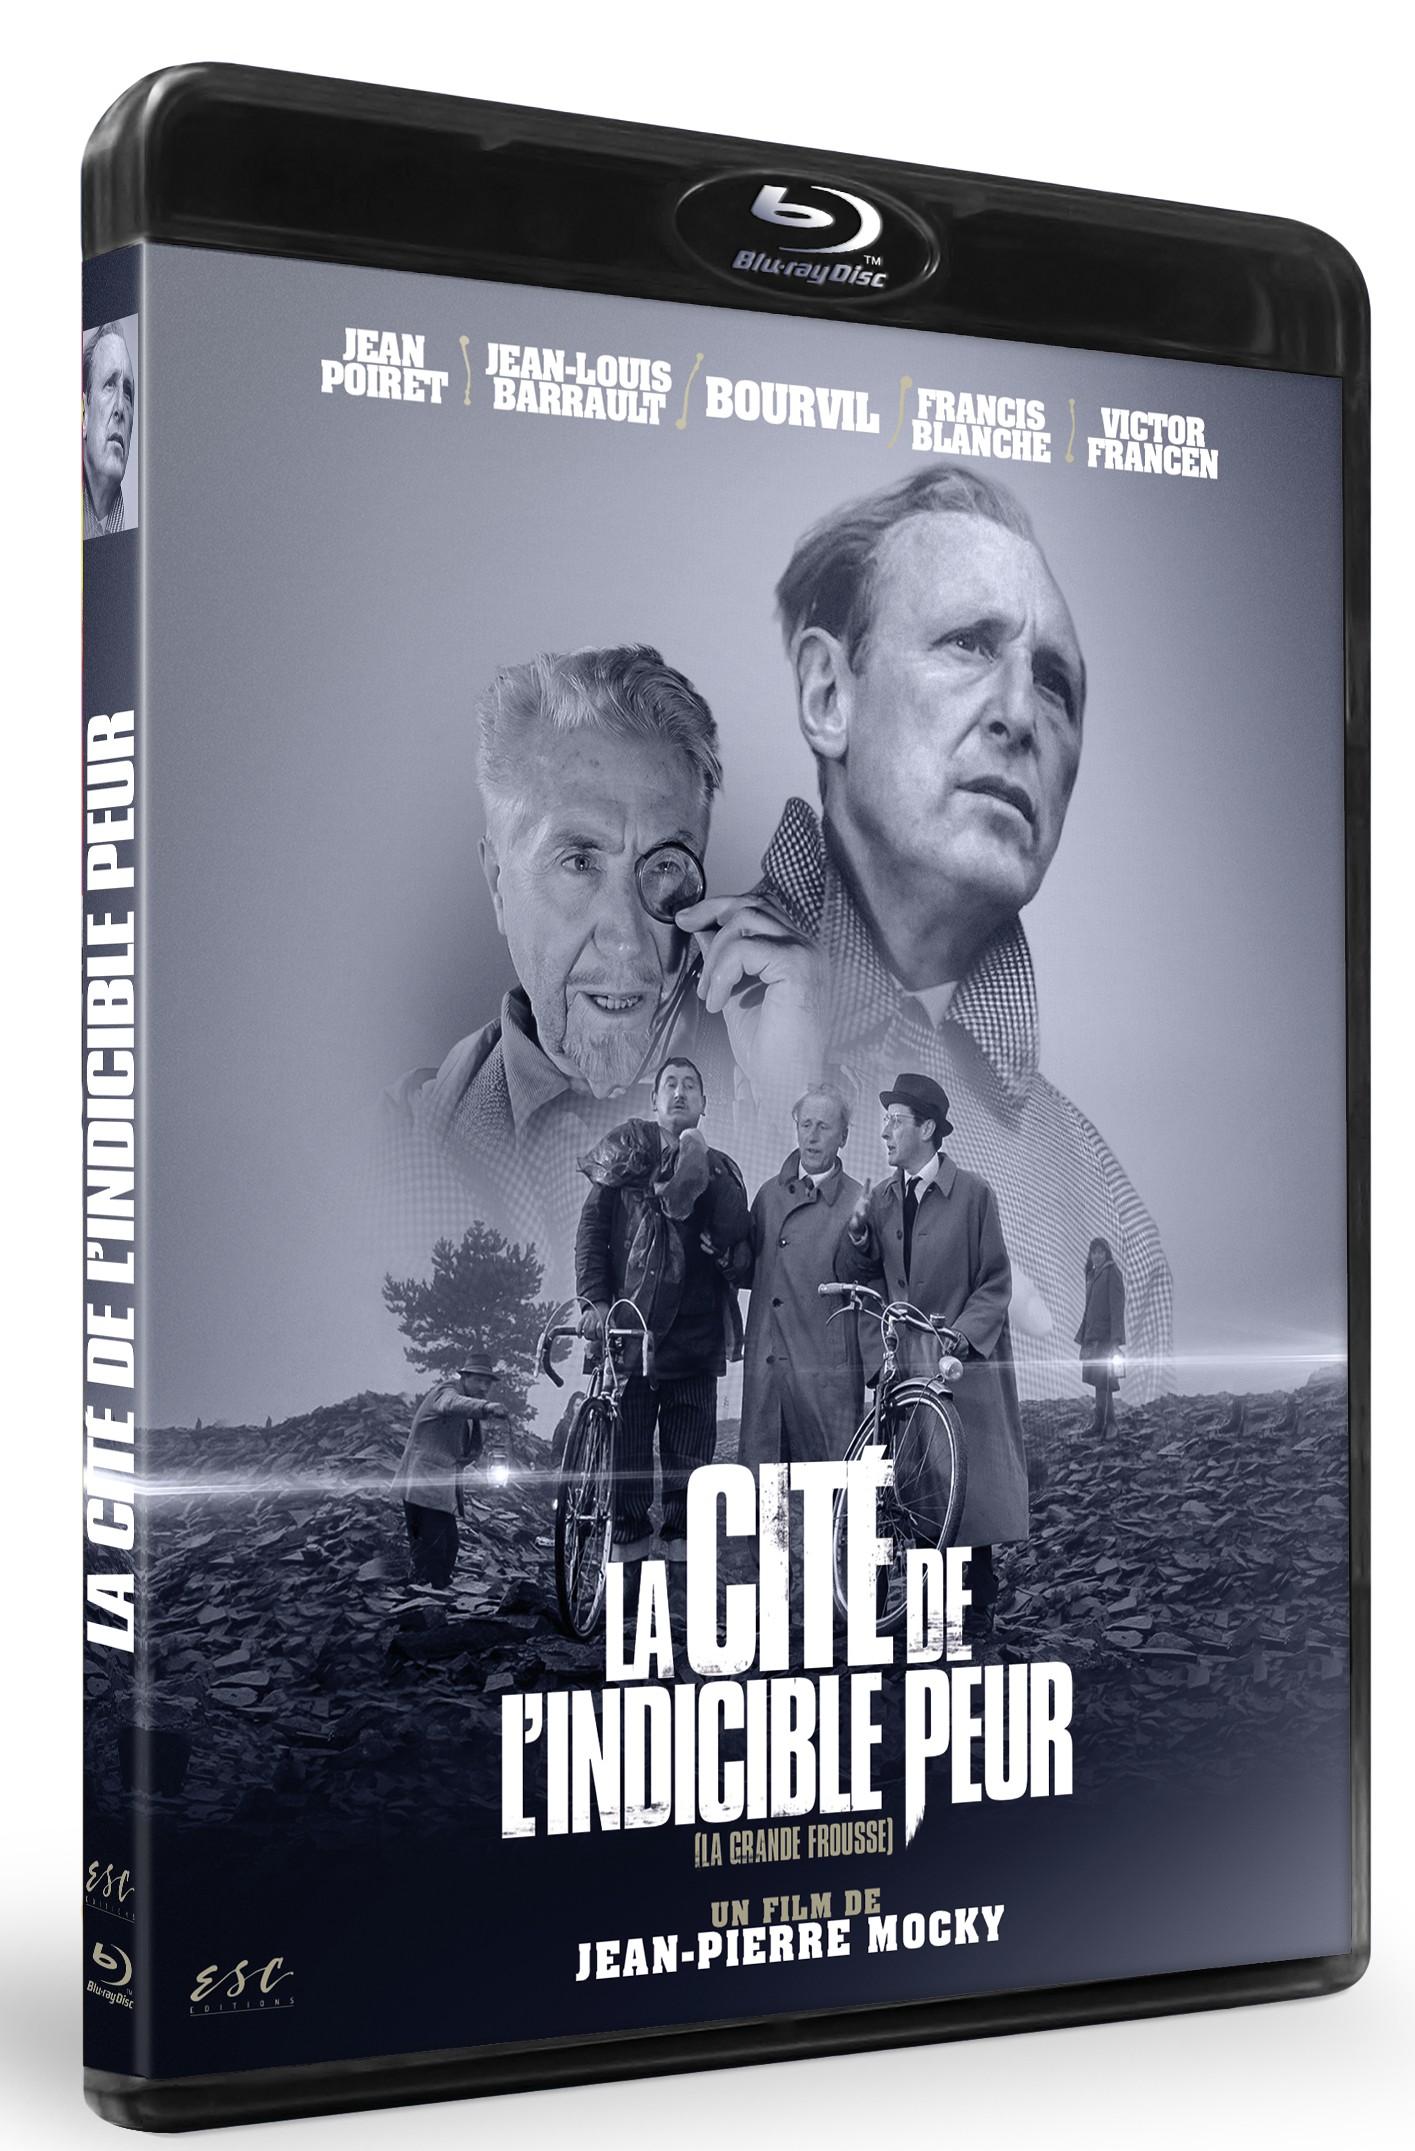 LA CITE DE L'INDICIBLE PEUR [LA GRANDE FROUSSE] - BRD